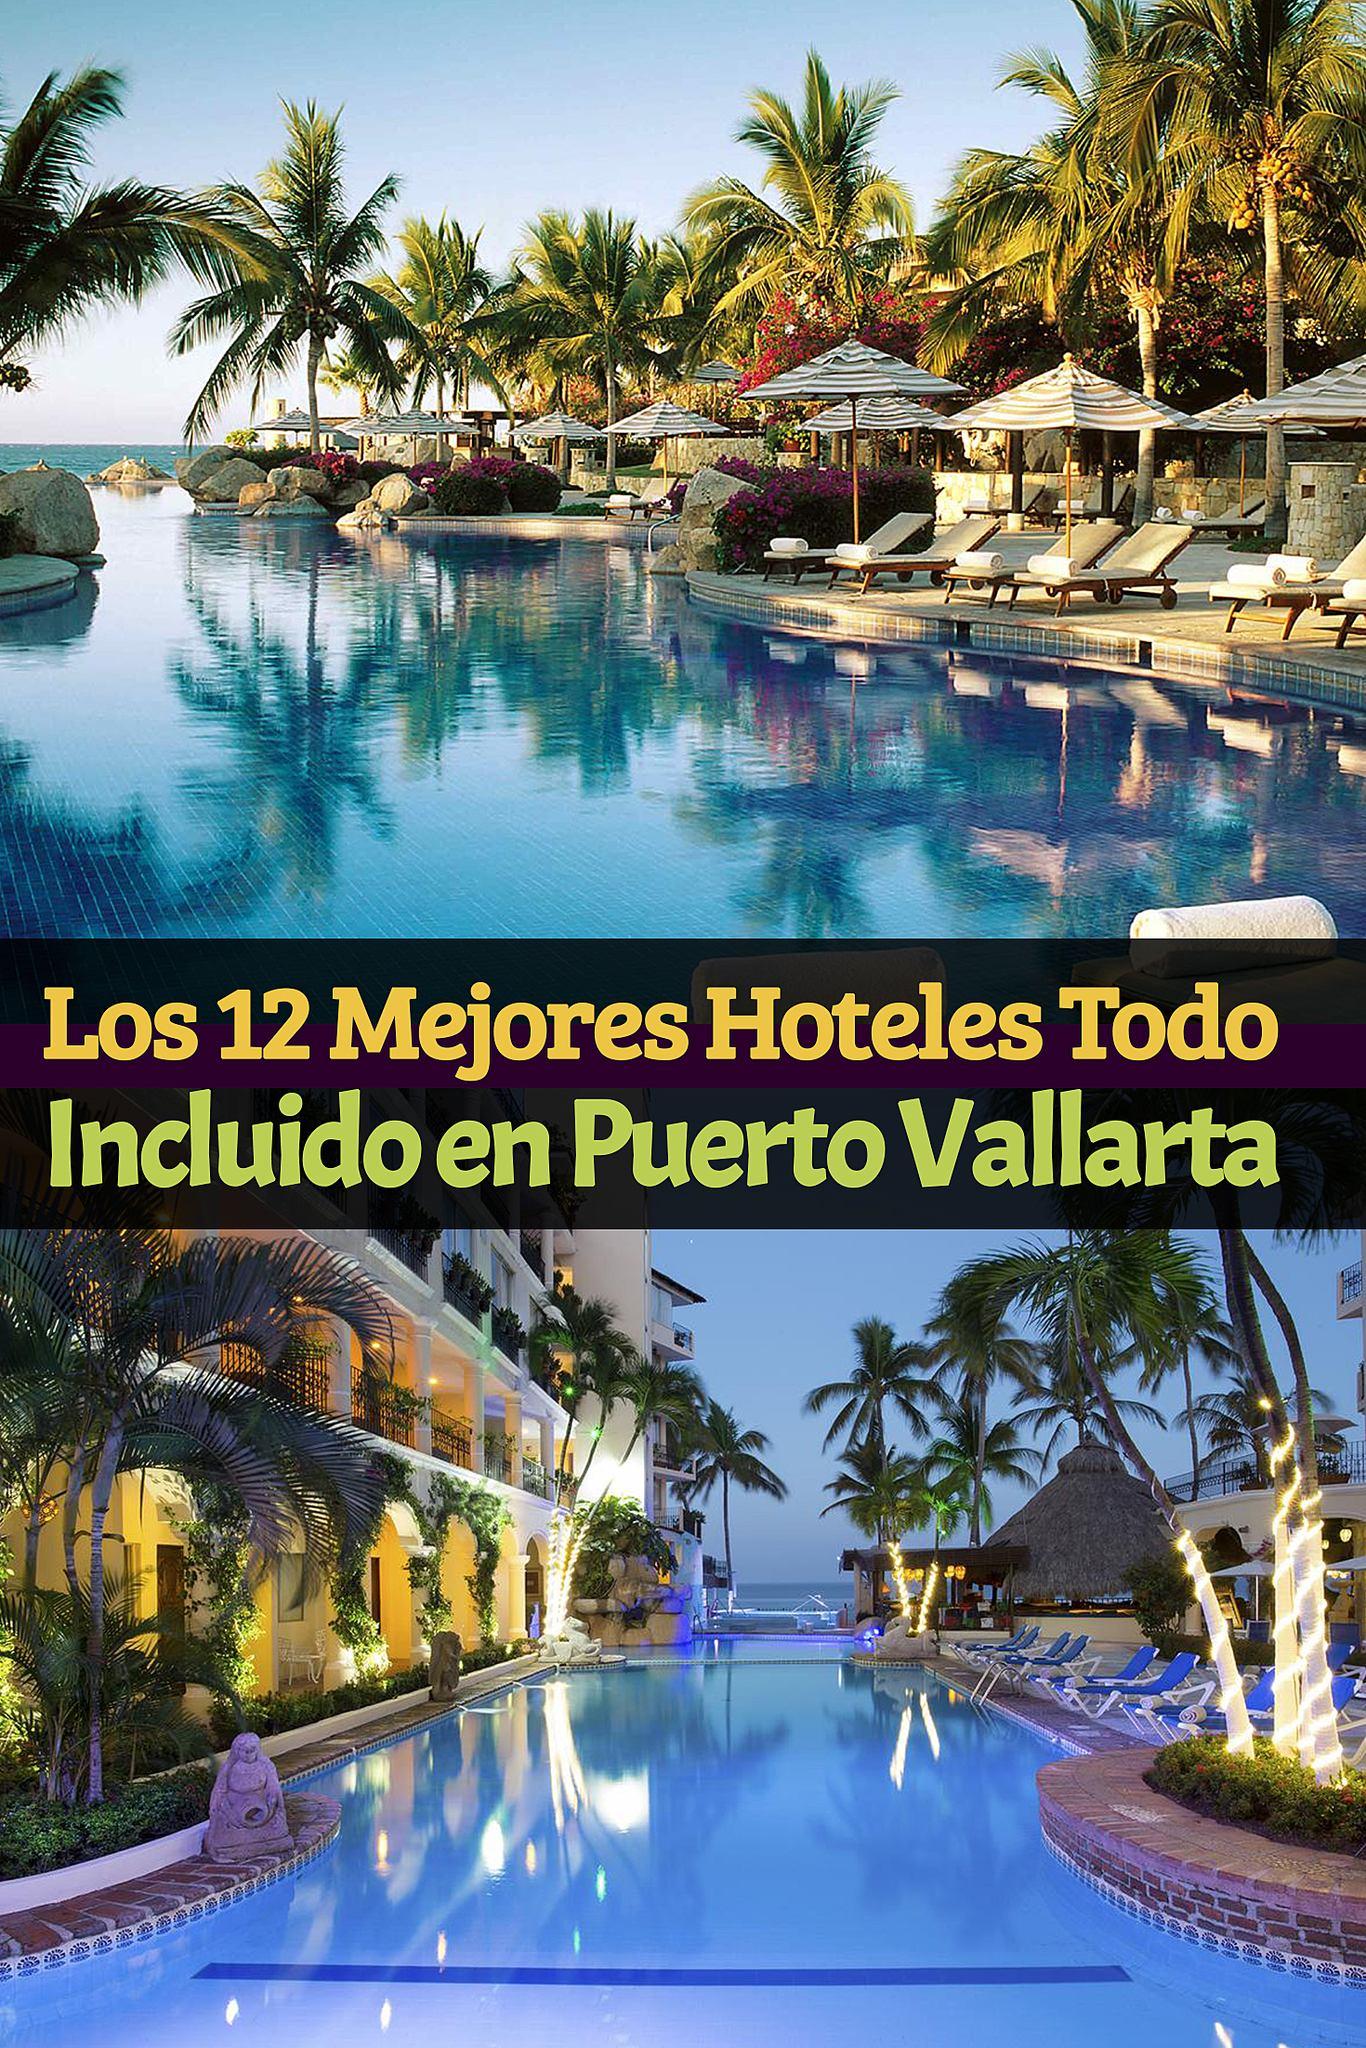 Los top 12 mejores hoteles todo incluido en puerto vallarta tips para tu viaje - Hoteles en puerto rico todo incluido ...